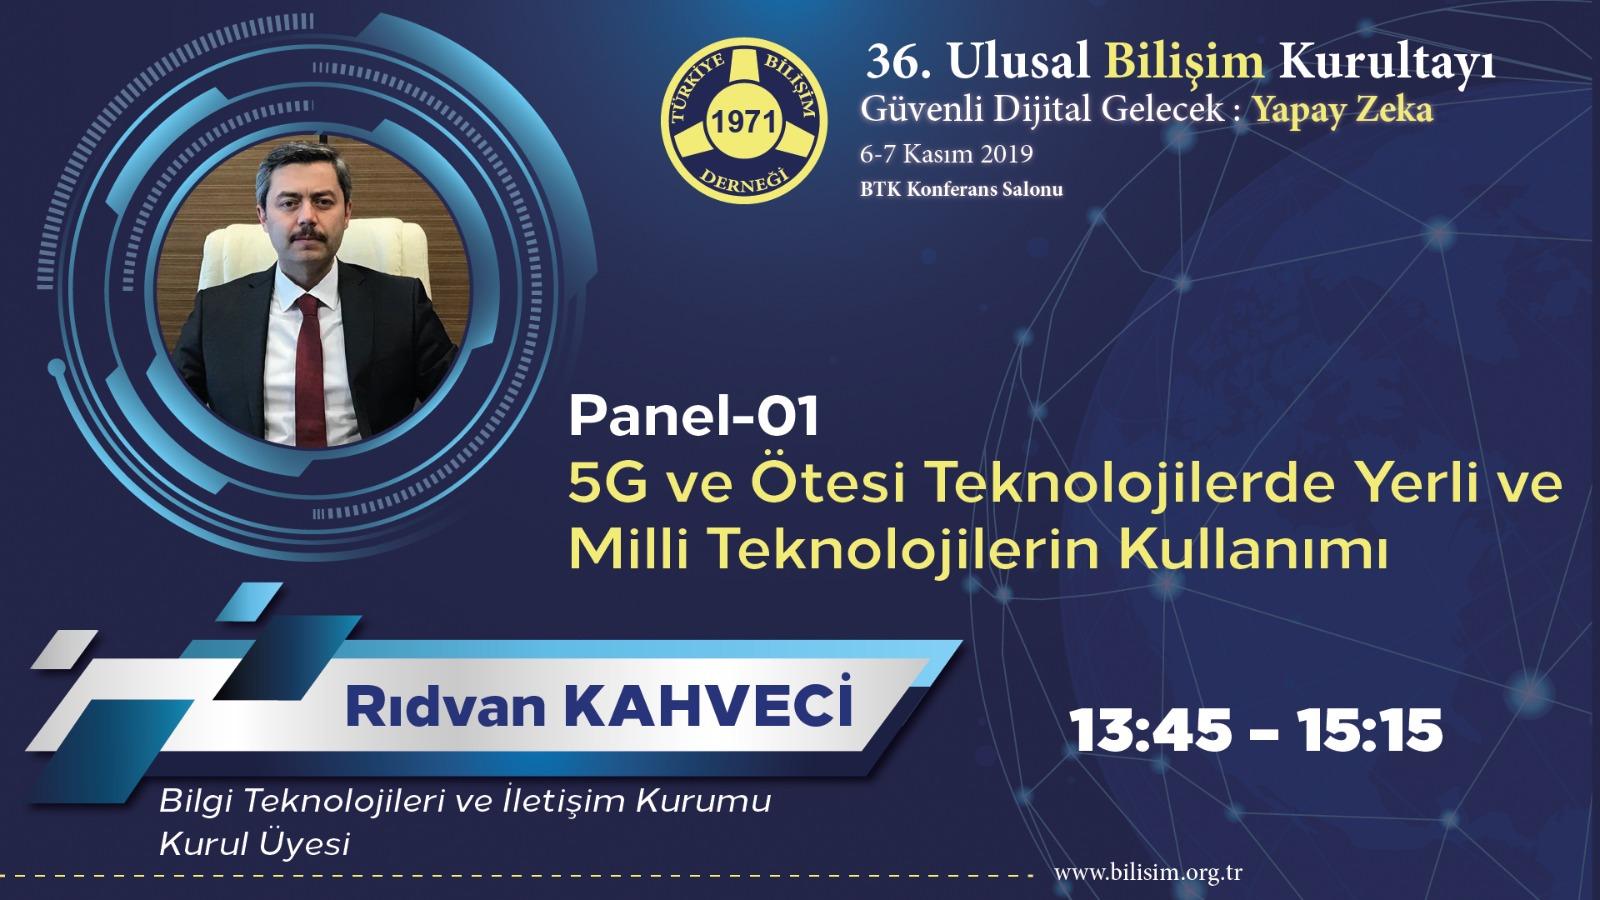 Rıdvan KAHVECİ - 36. Ulusal Bilişim Kurultayı